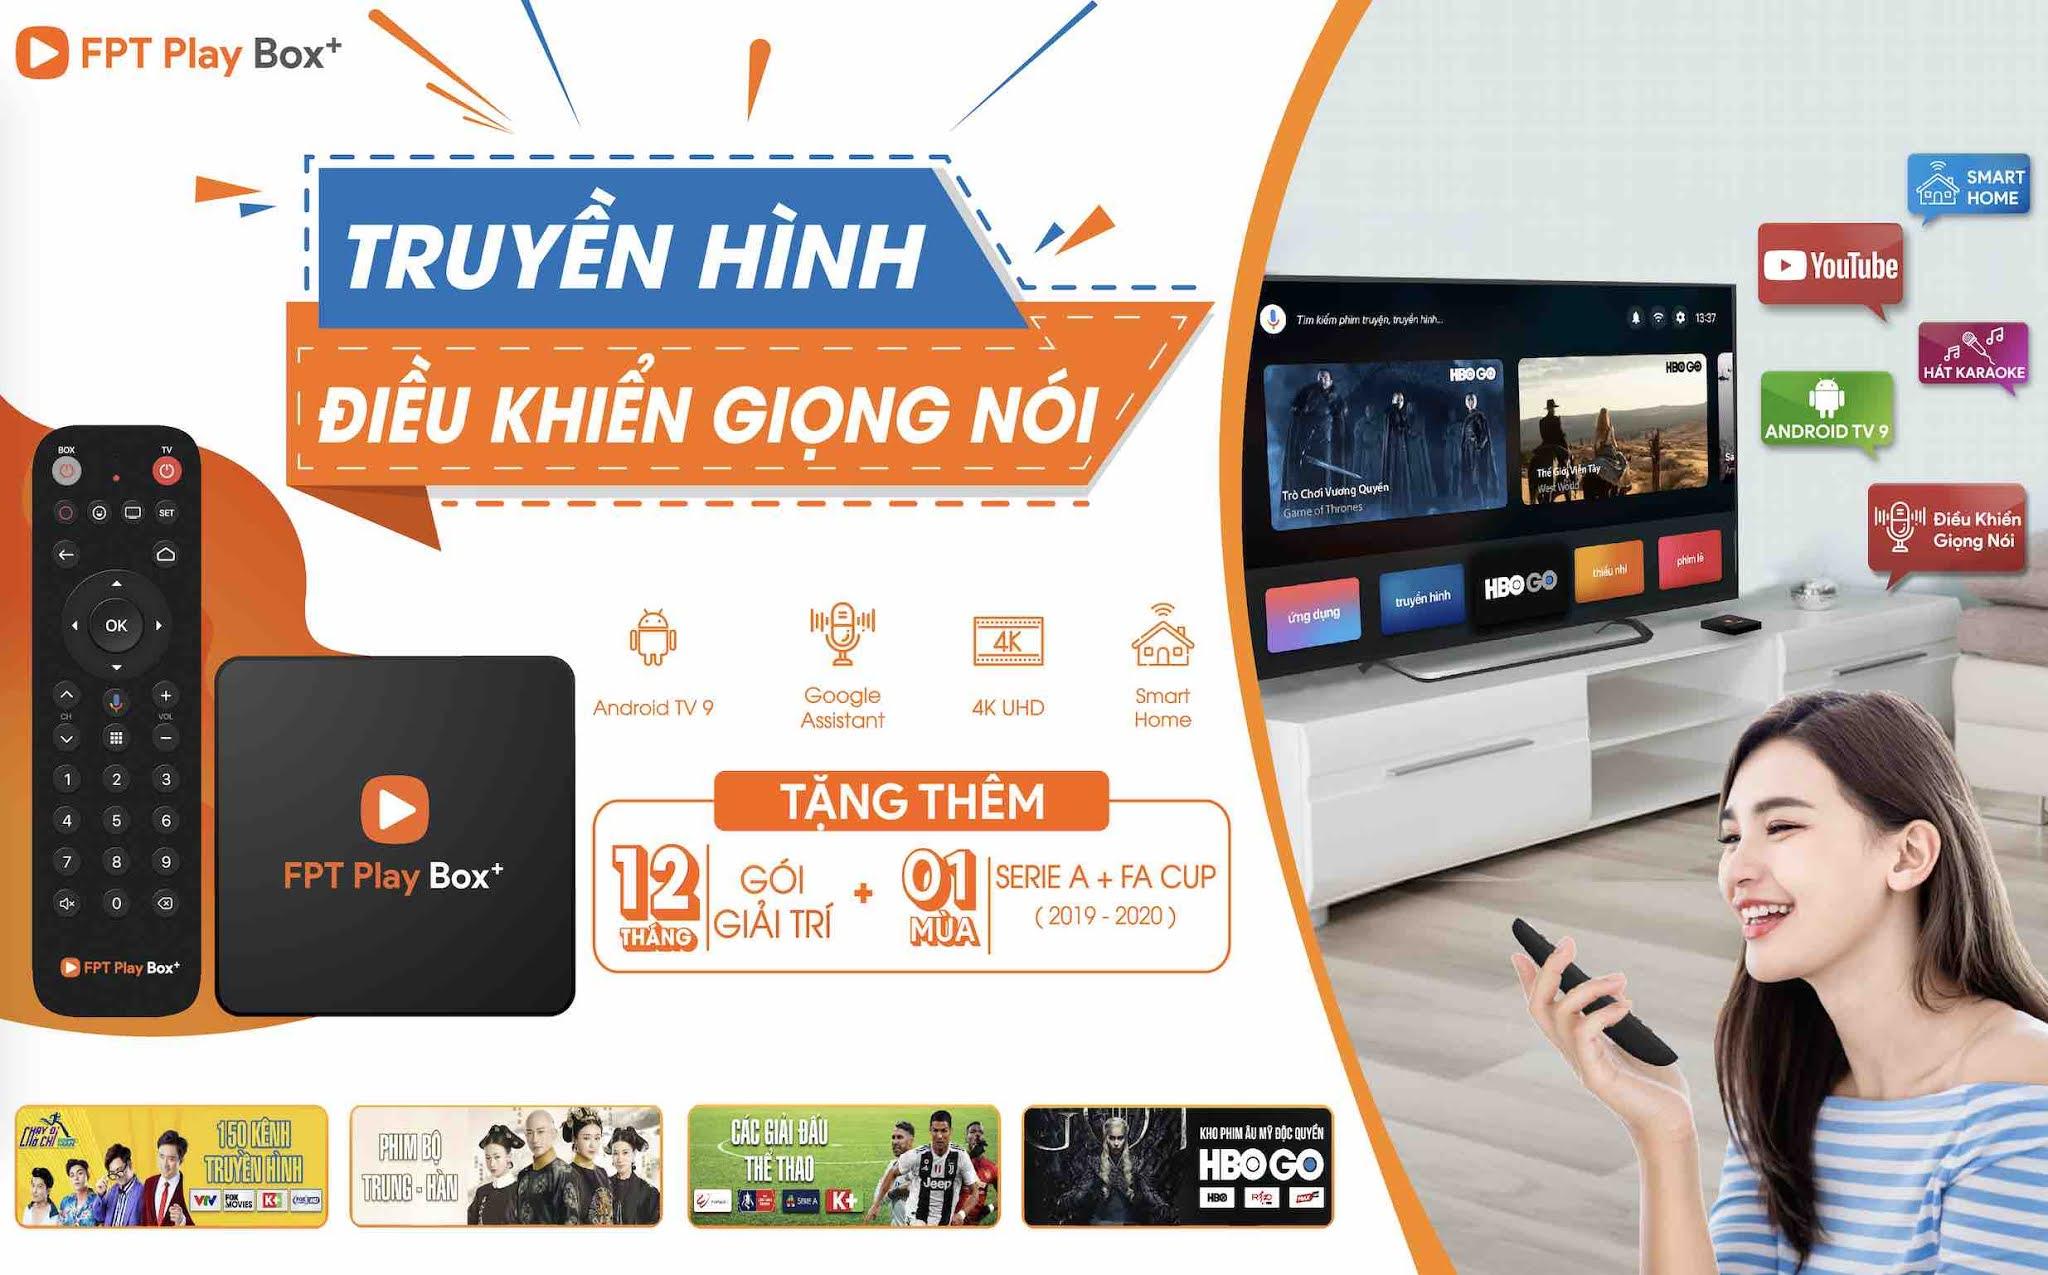 Xem truyền hình Bến Tre miễn phí qua FPT Play BOX 2021